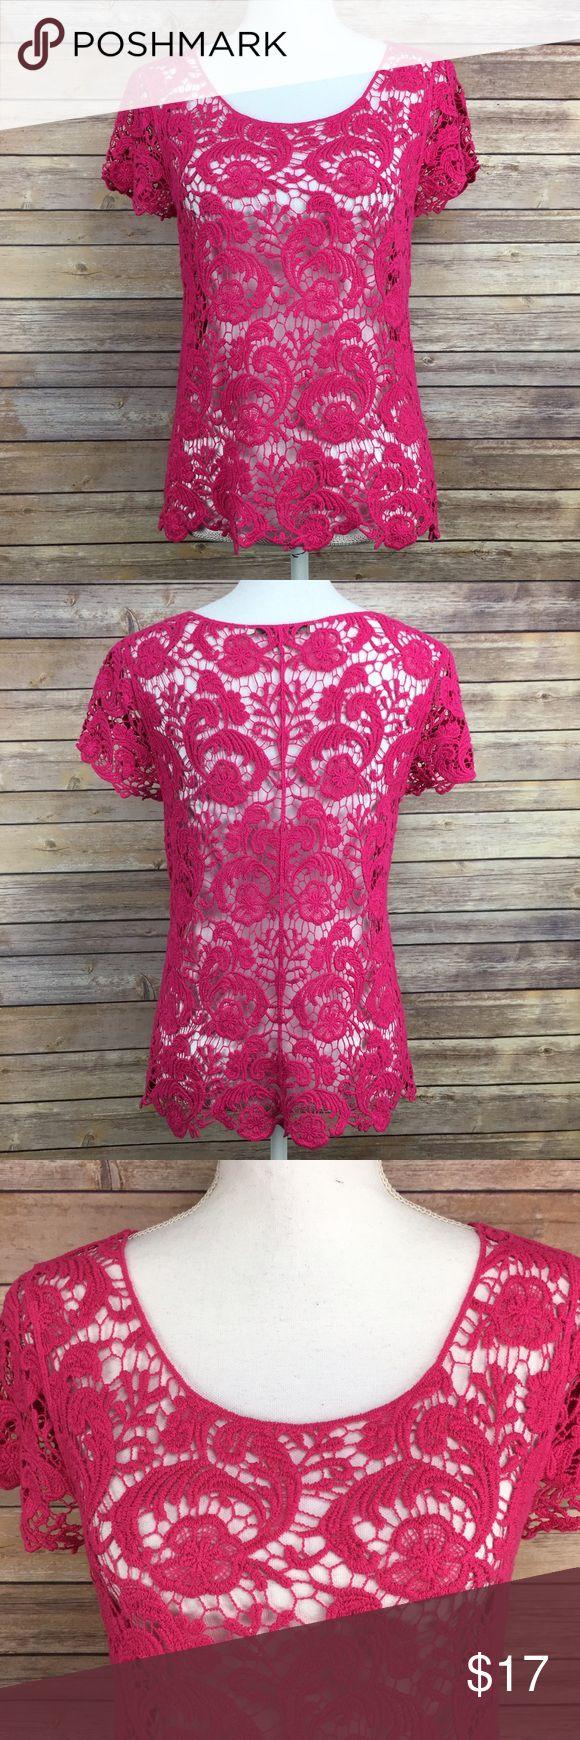 Lauren Conrad pink lace top Lauren Conrad pink lace top. Size xs. 100% cotton.  (SS1). LC Lauren Conrad Tops Blouses